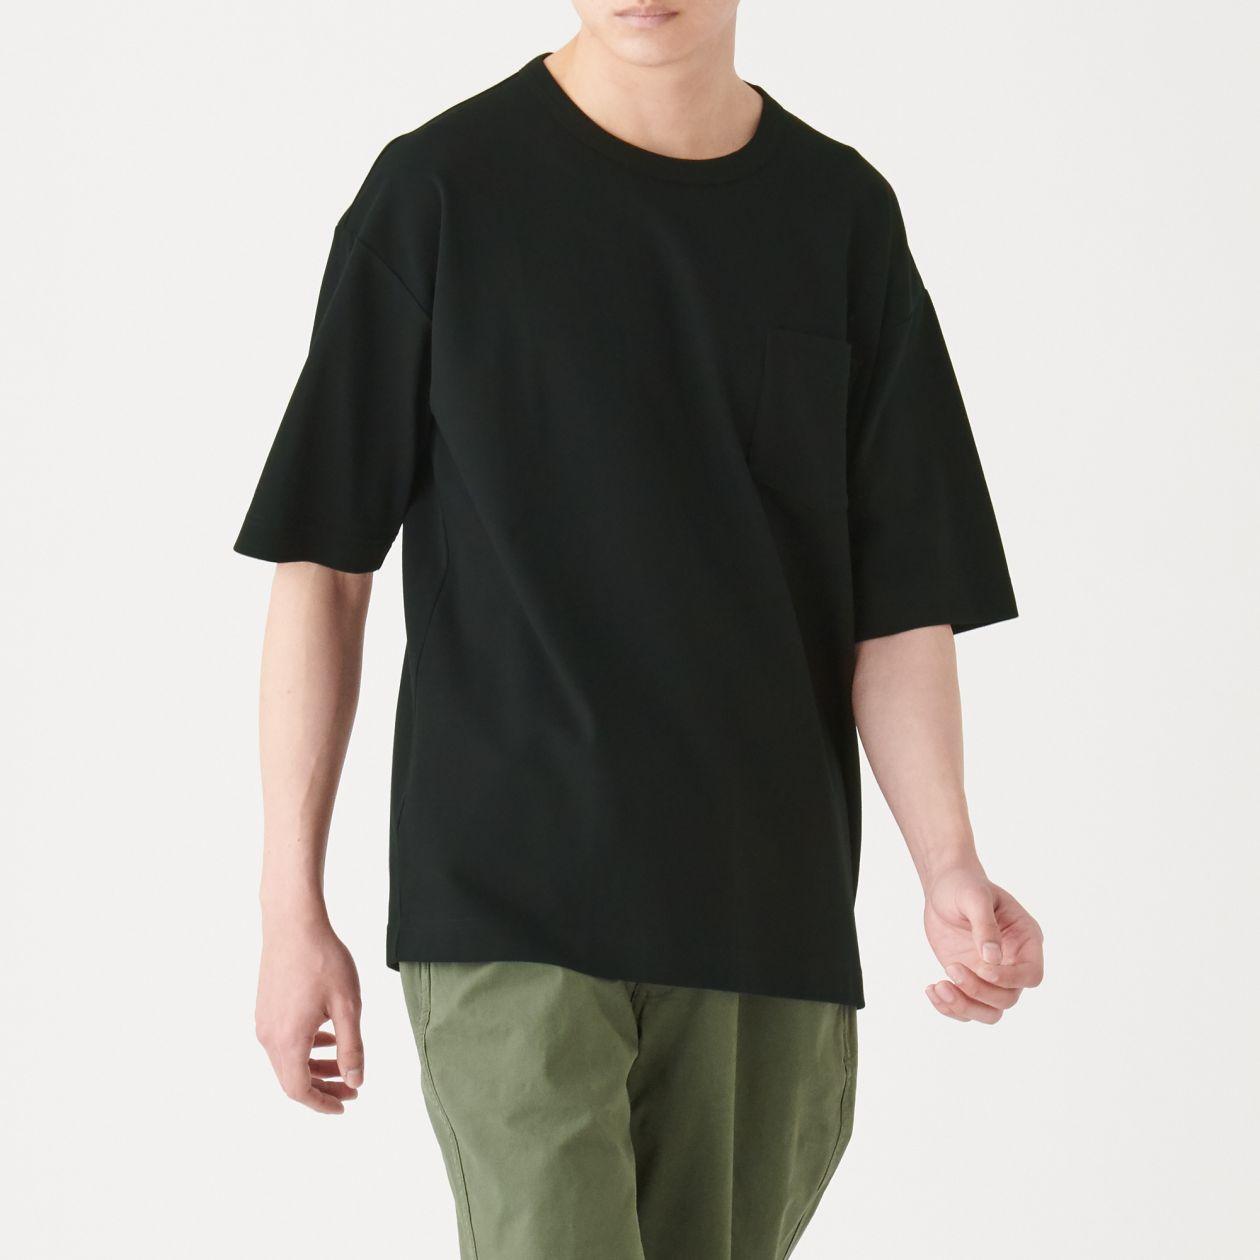 新疆綿 鹿の子編み半袖Tシャツ